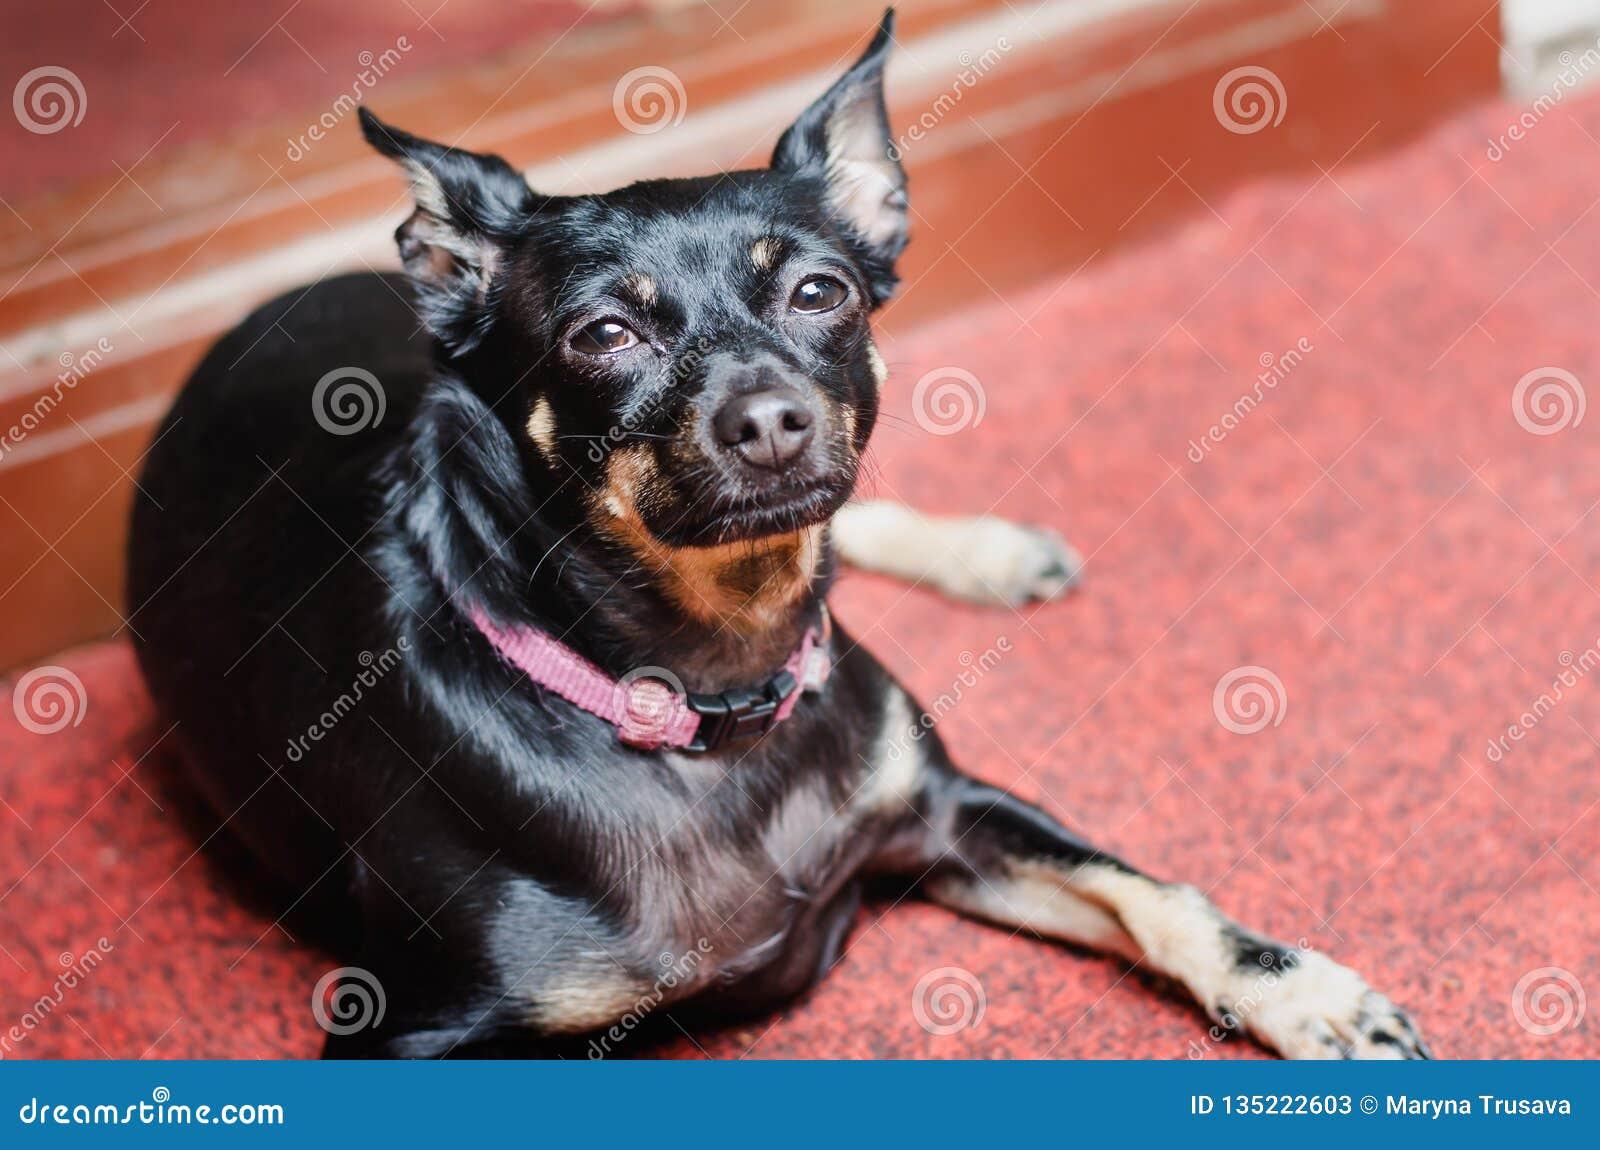 Ein kleiner schwarzer glatt-haariger Hund steht auf einem roten Teppich still